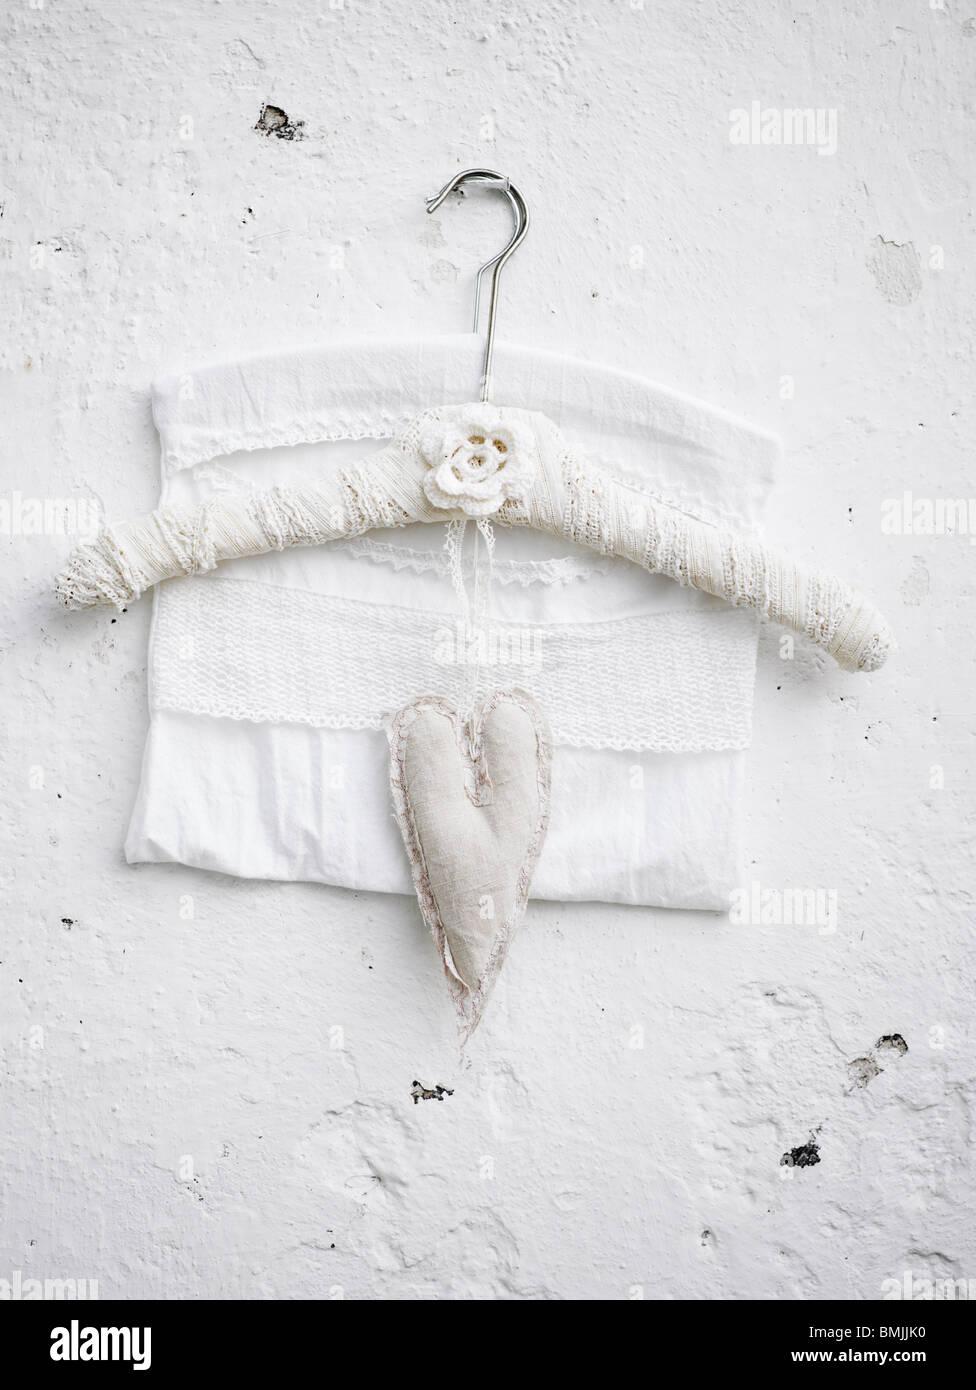 Skandinavien, Schweden, Stockholm, Kleiderbügel und Herzform an weißer Wand, Nahaufnahme Stockbild